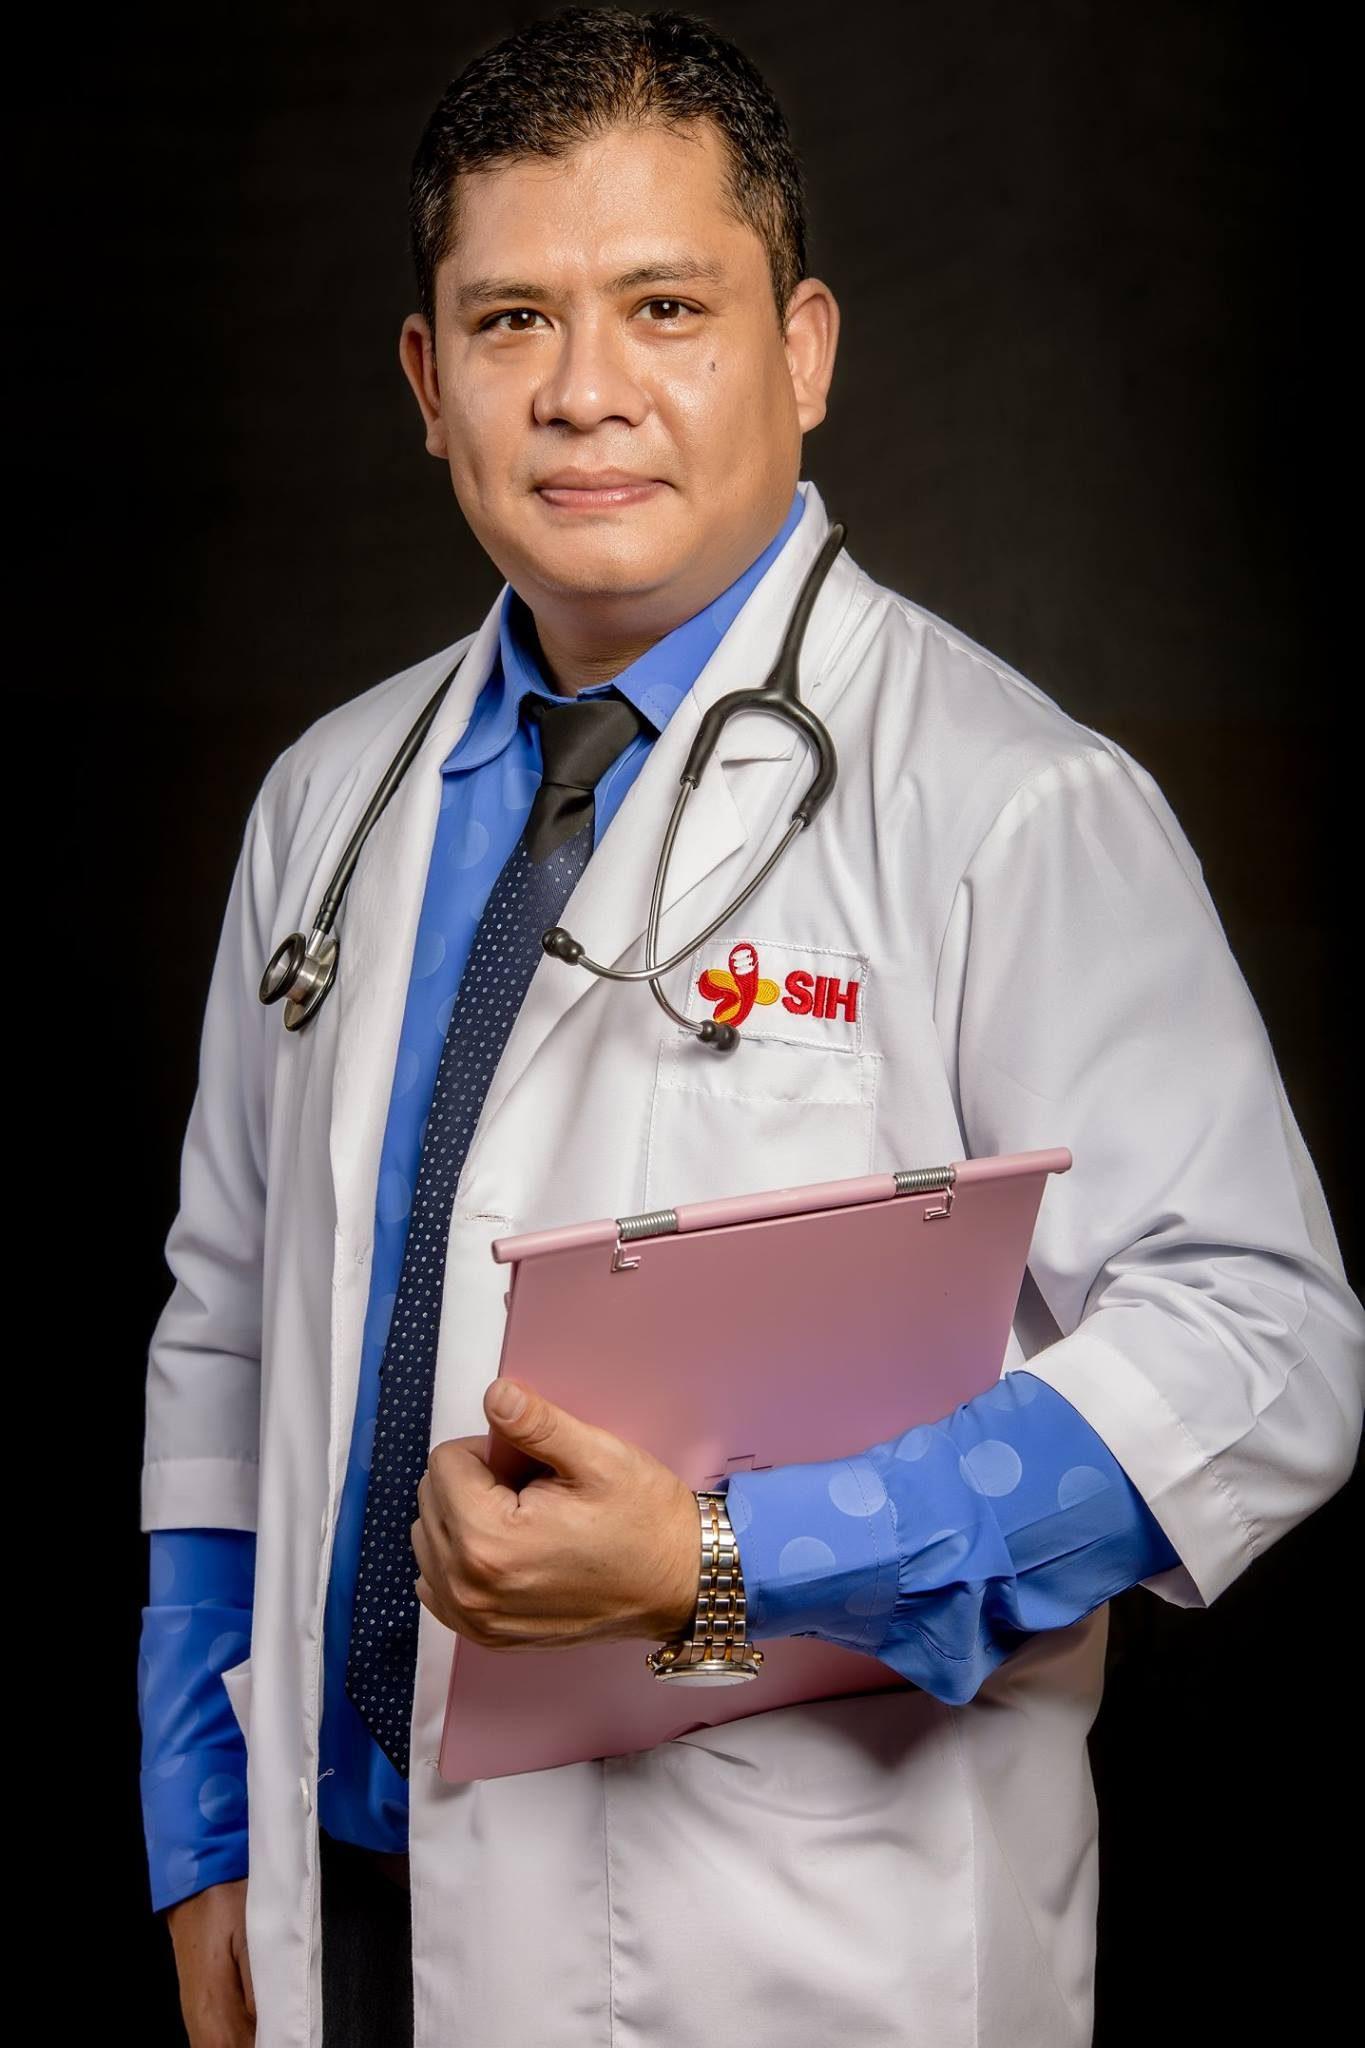 dr dipesh